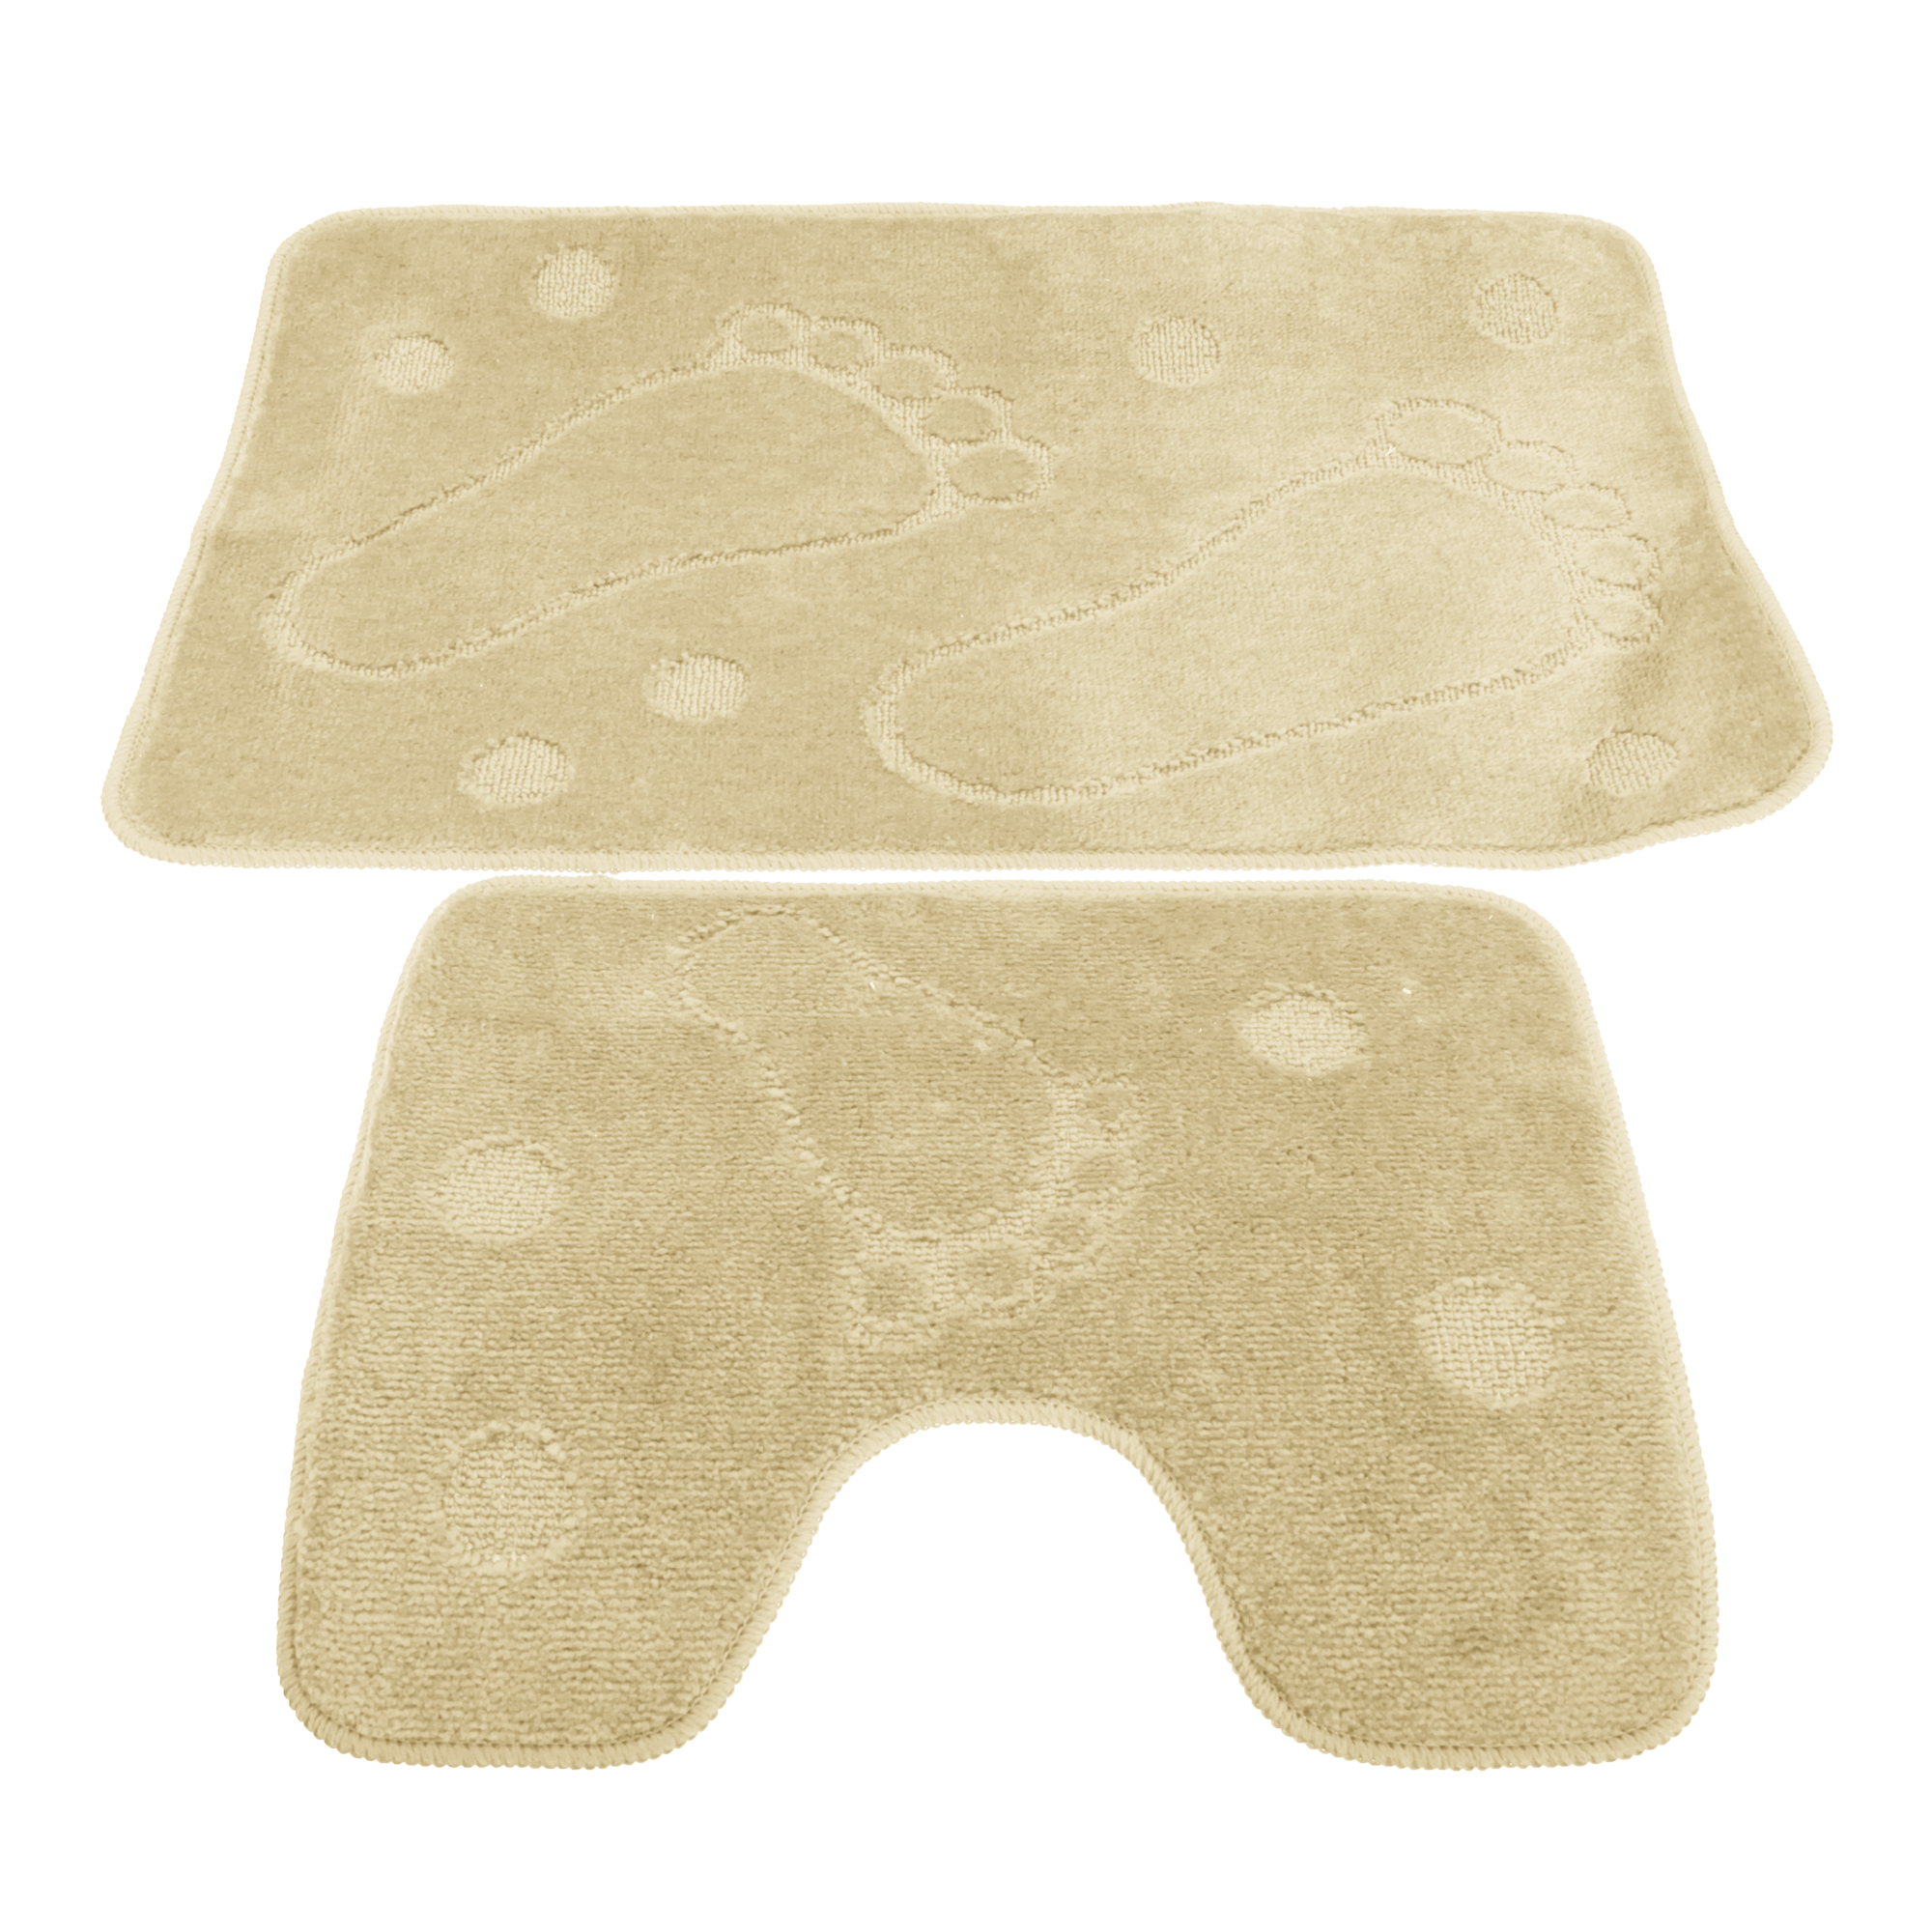 2 Piece Footprint Design Bathroom/Bath Mat And Pedestal